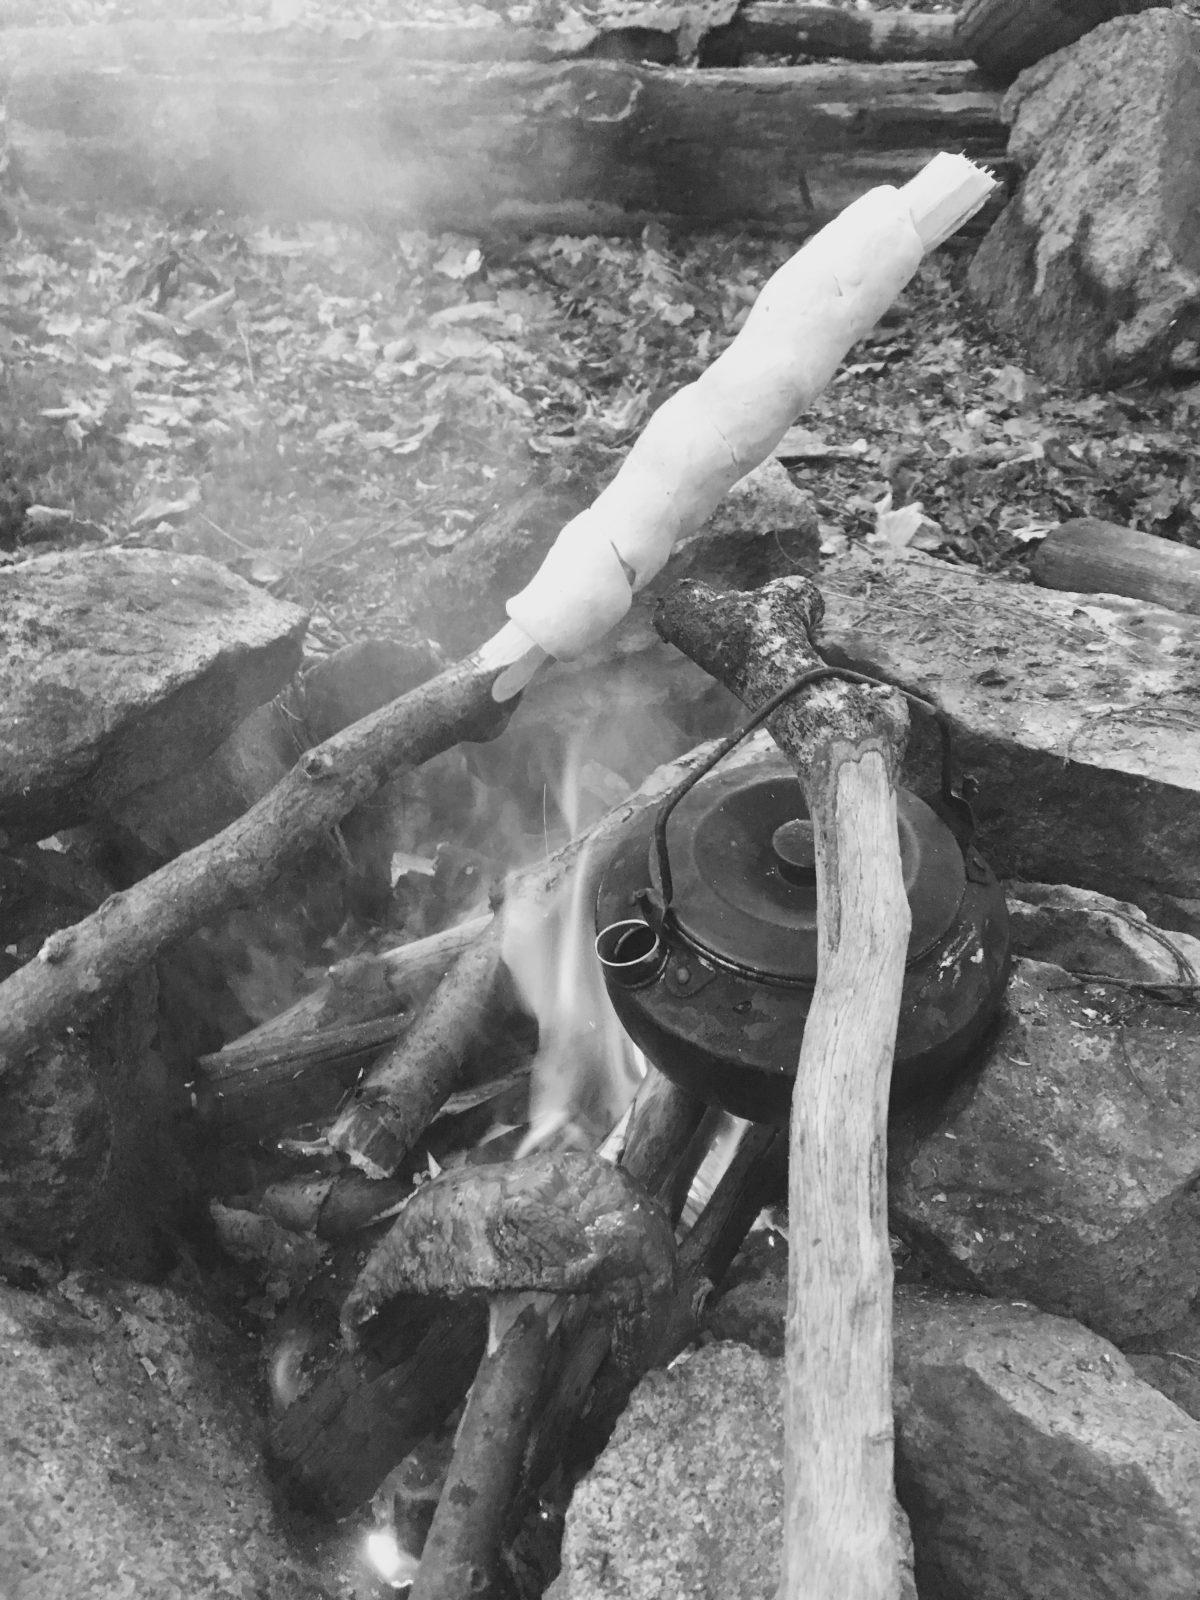 Samling runt elden